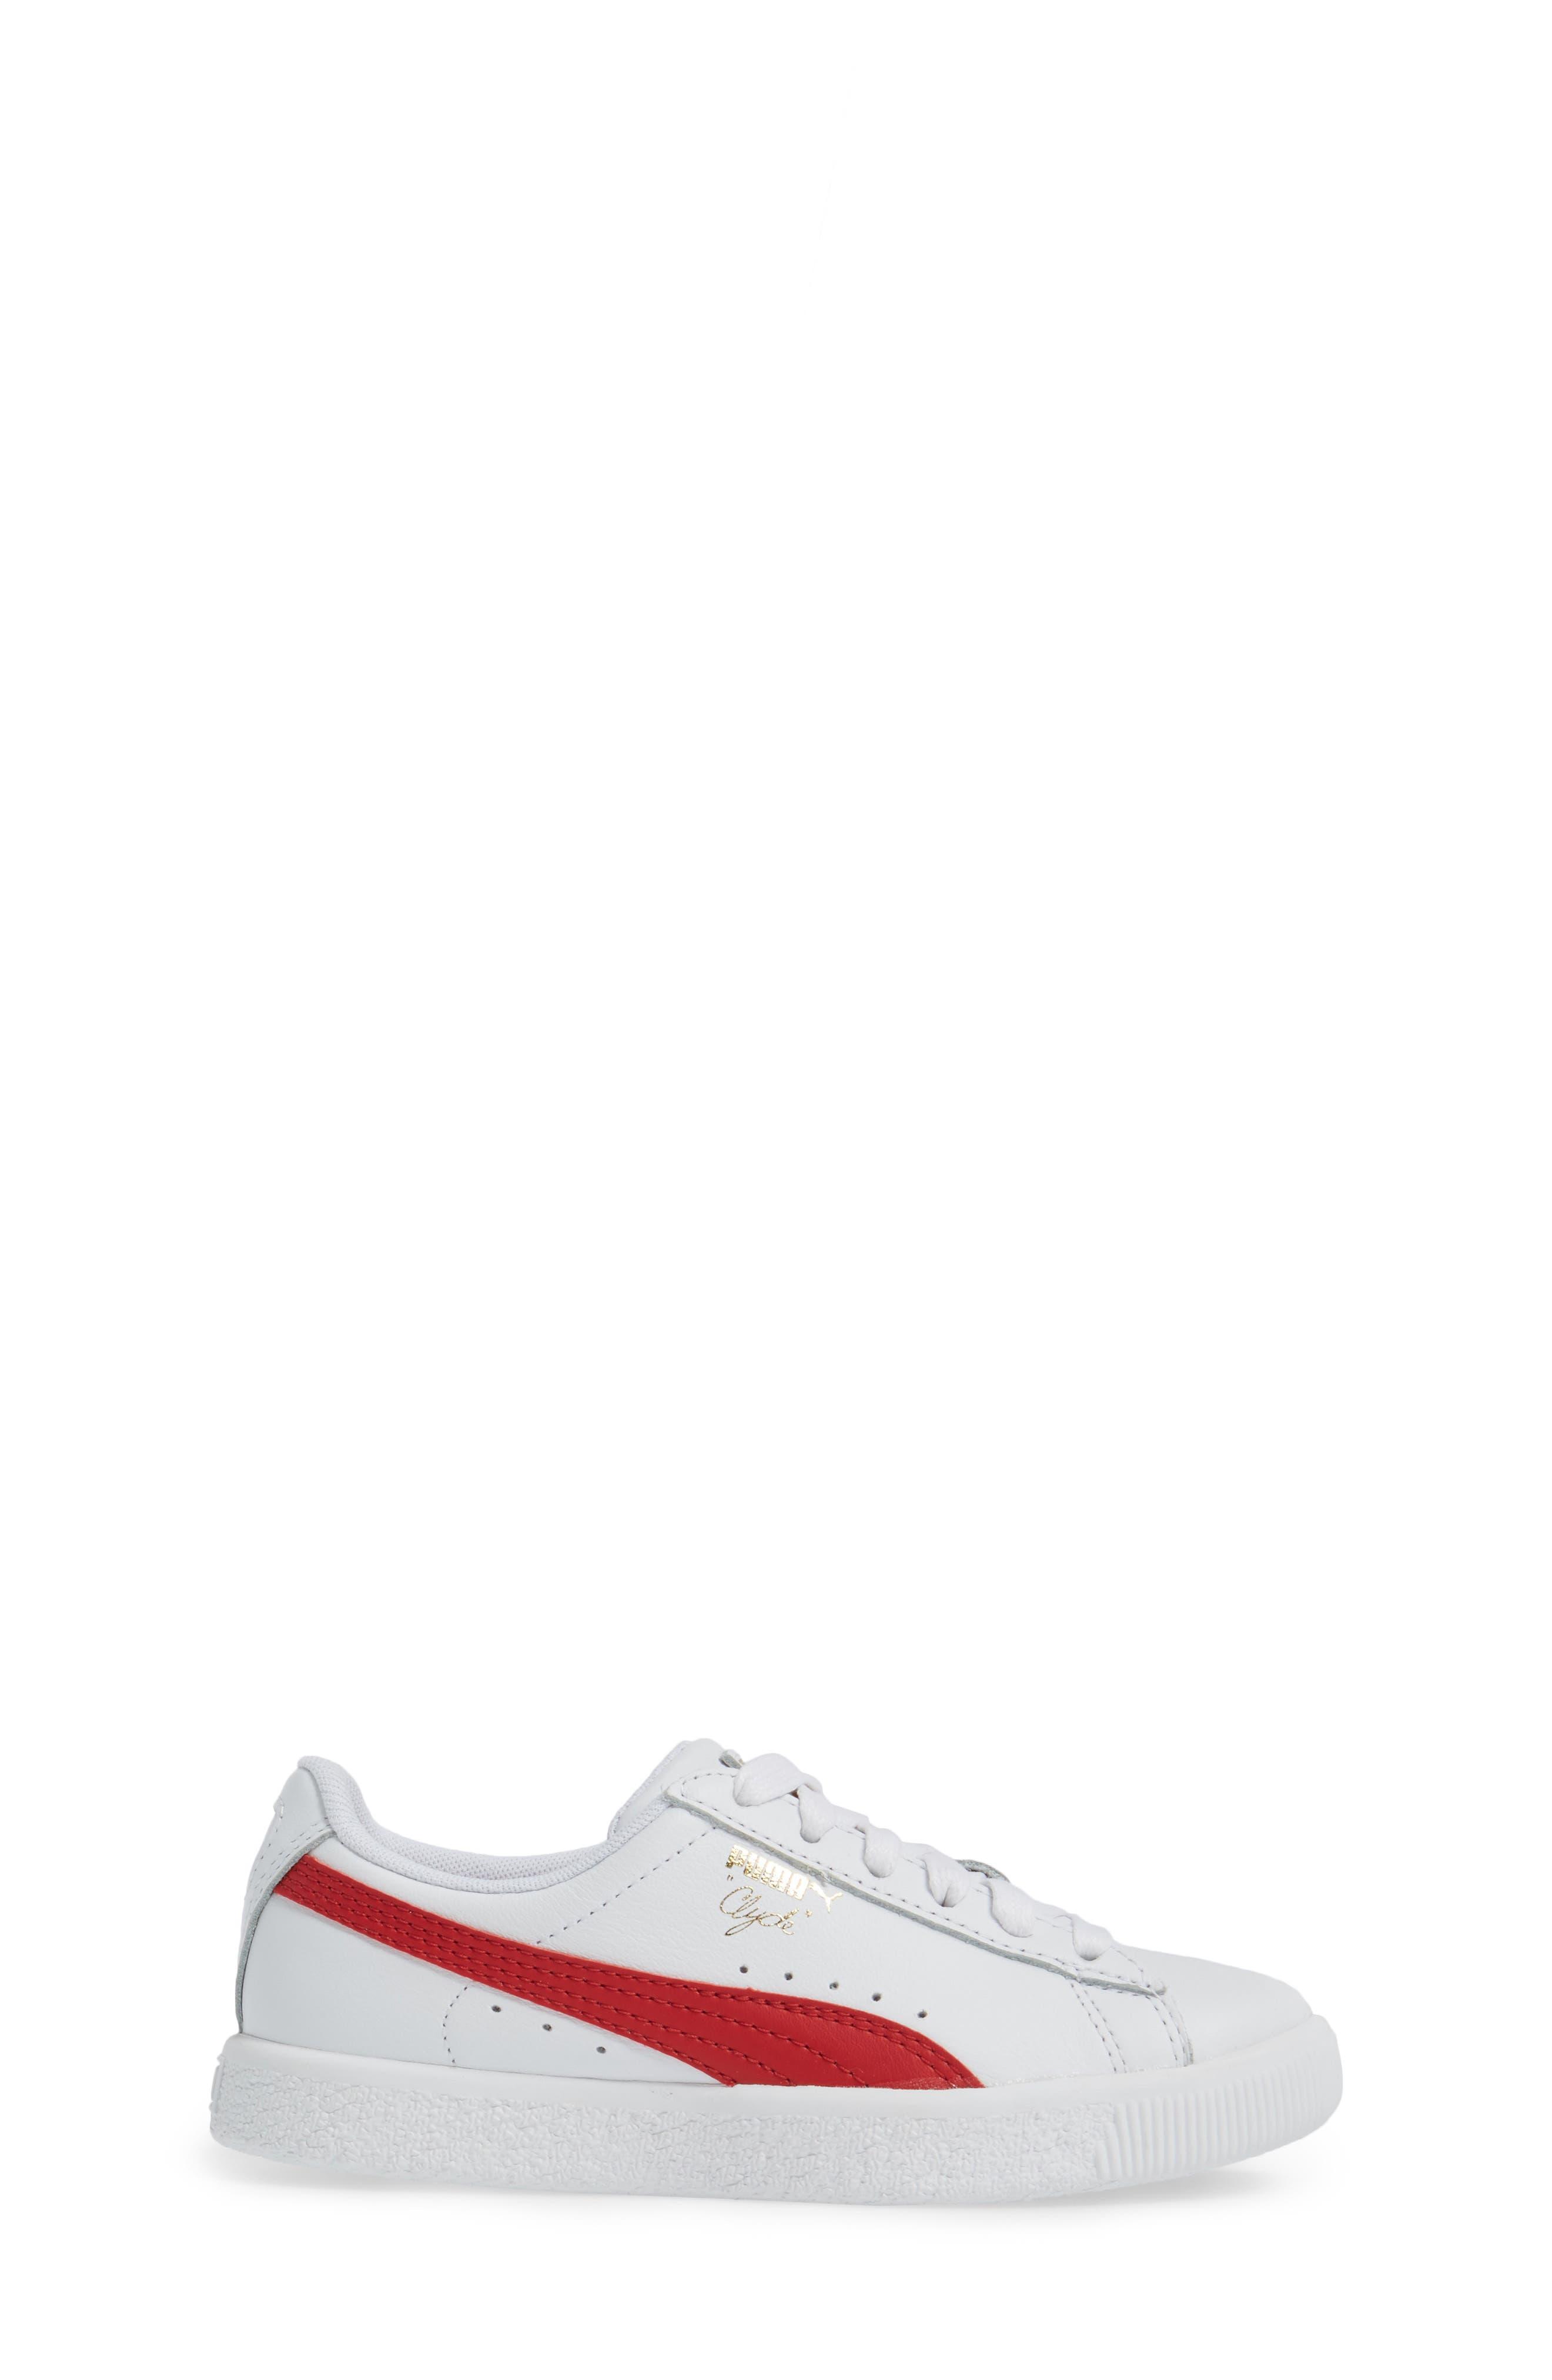 Clyde Core Foil Sneaker,                             Alternate thumbnail 17, color,